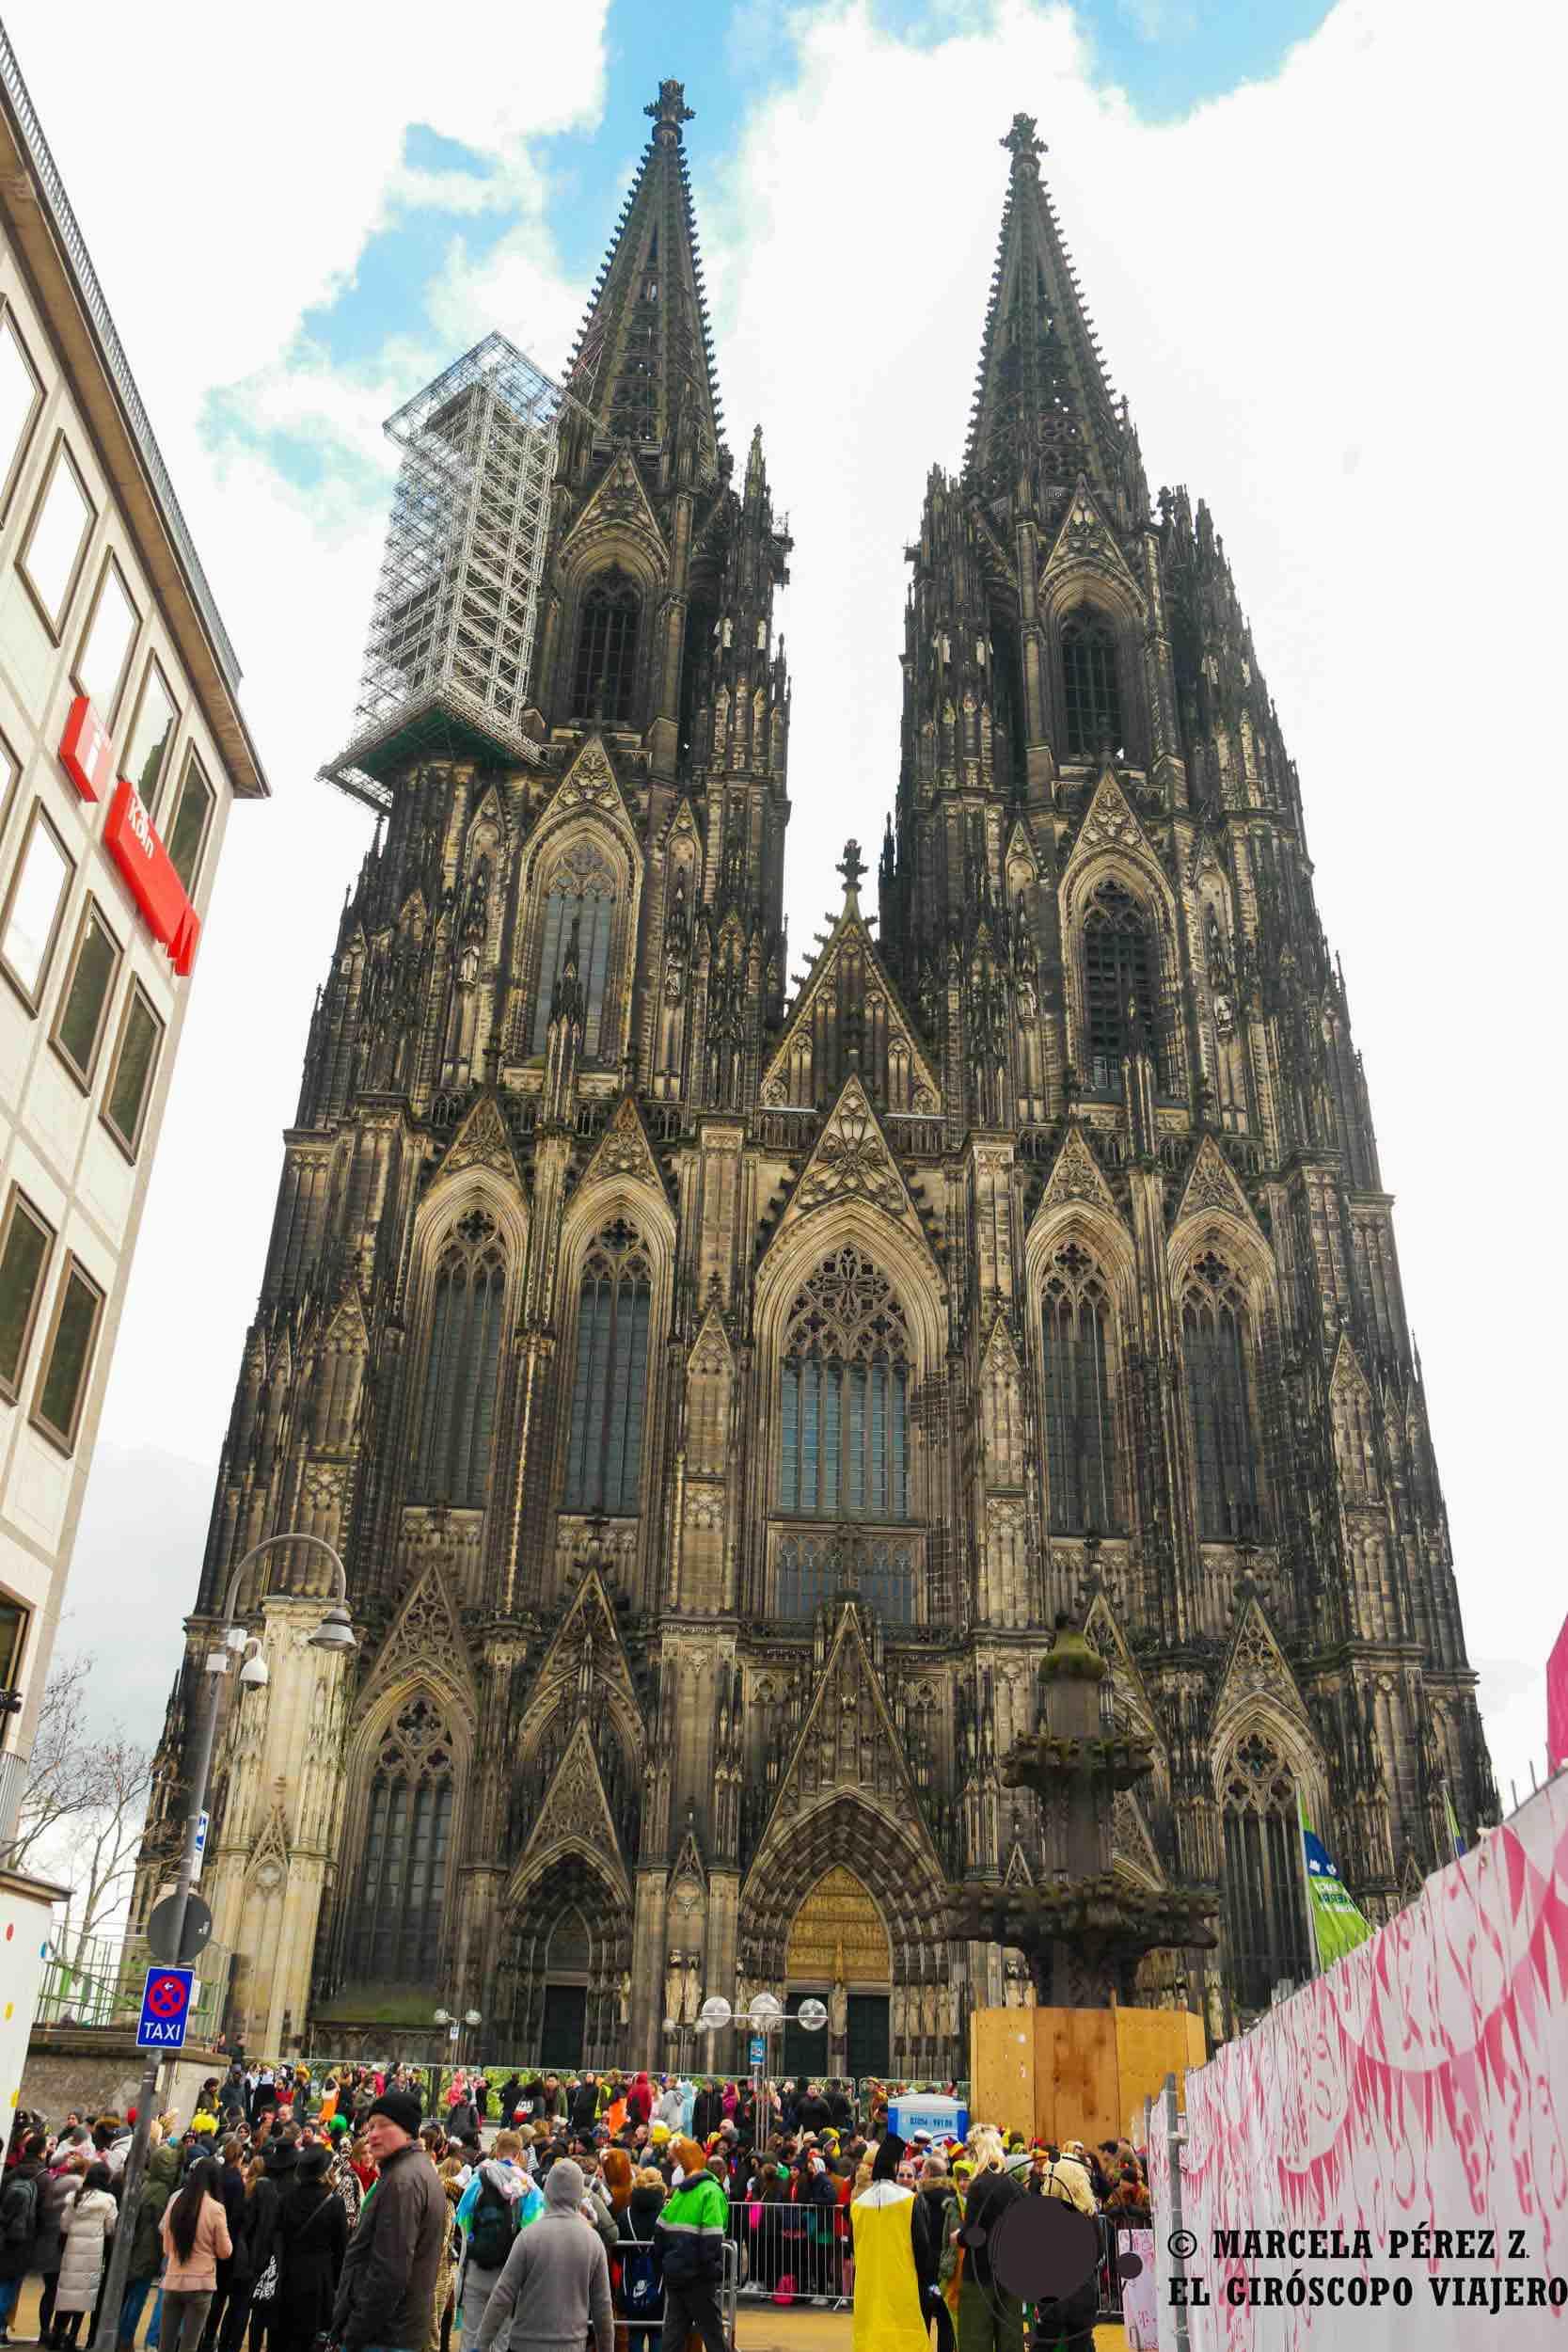 La majestuosidad de la catedral de Colonia nos deja perplejos